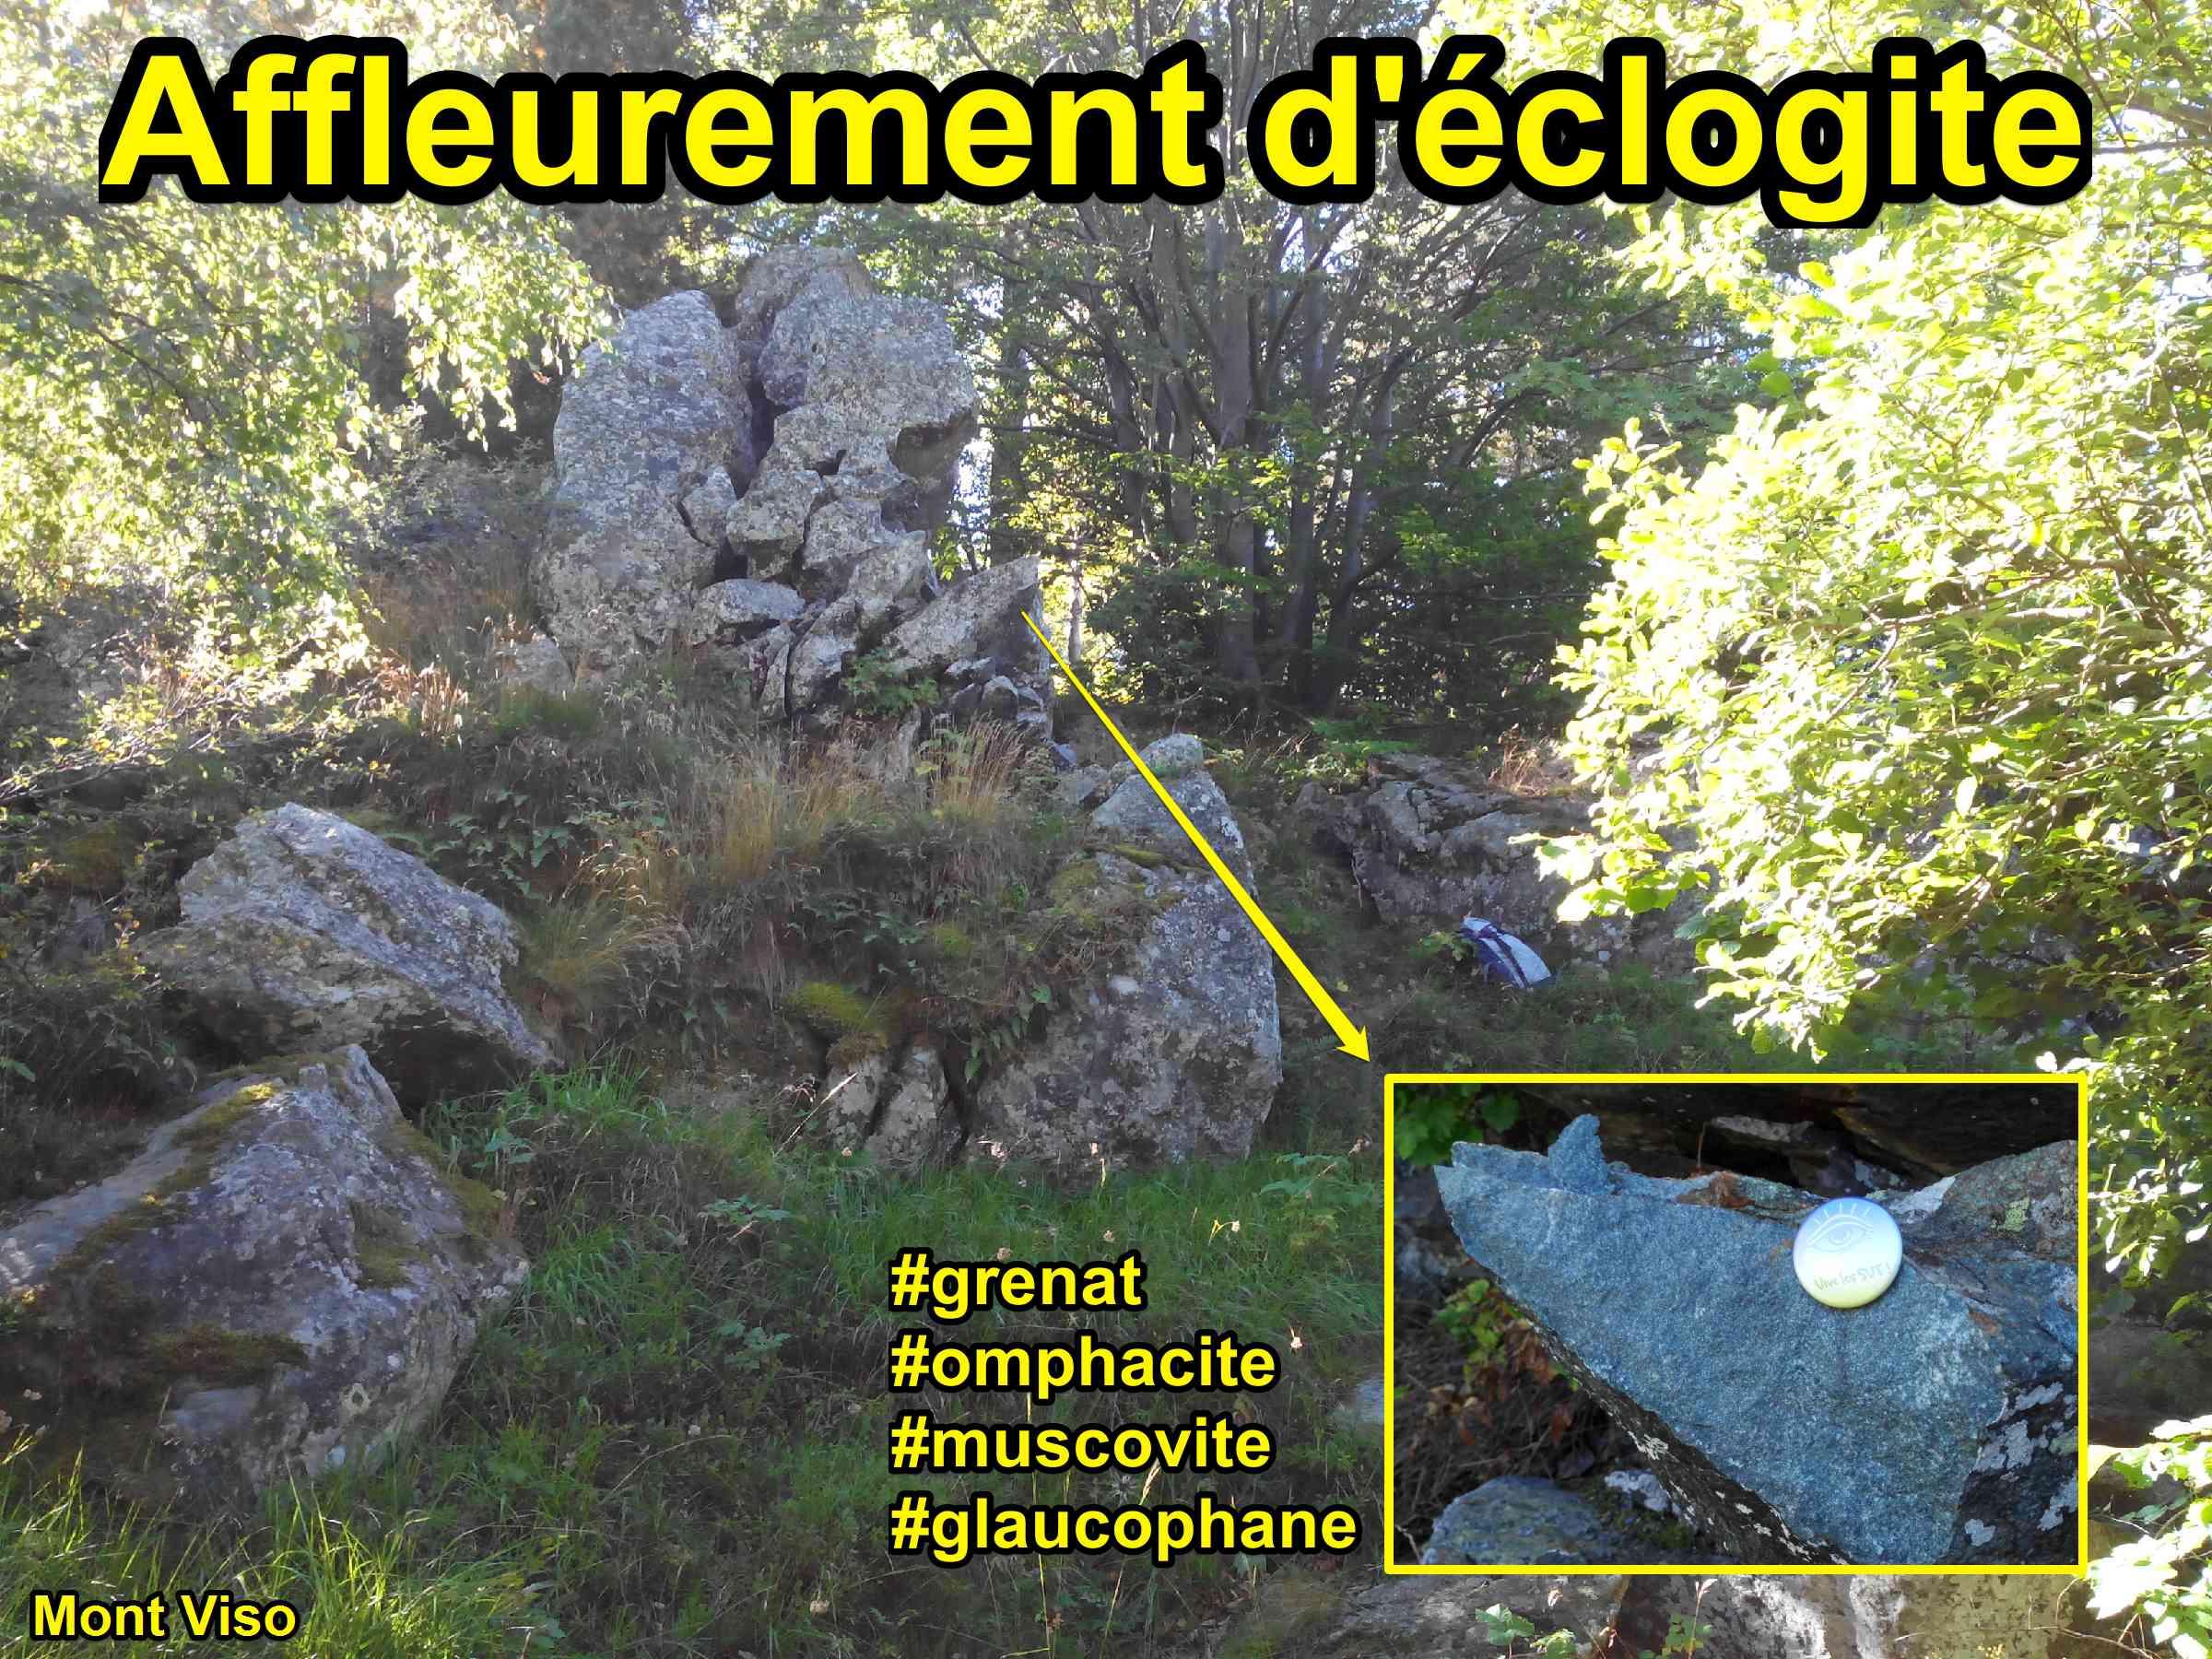 affleurement éclogite grenat omphacite mont Viso glaucophane muscovite